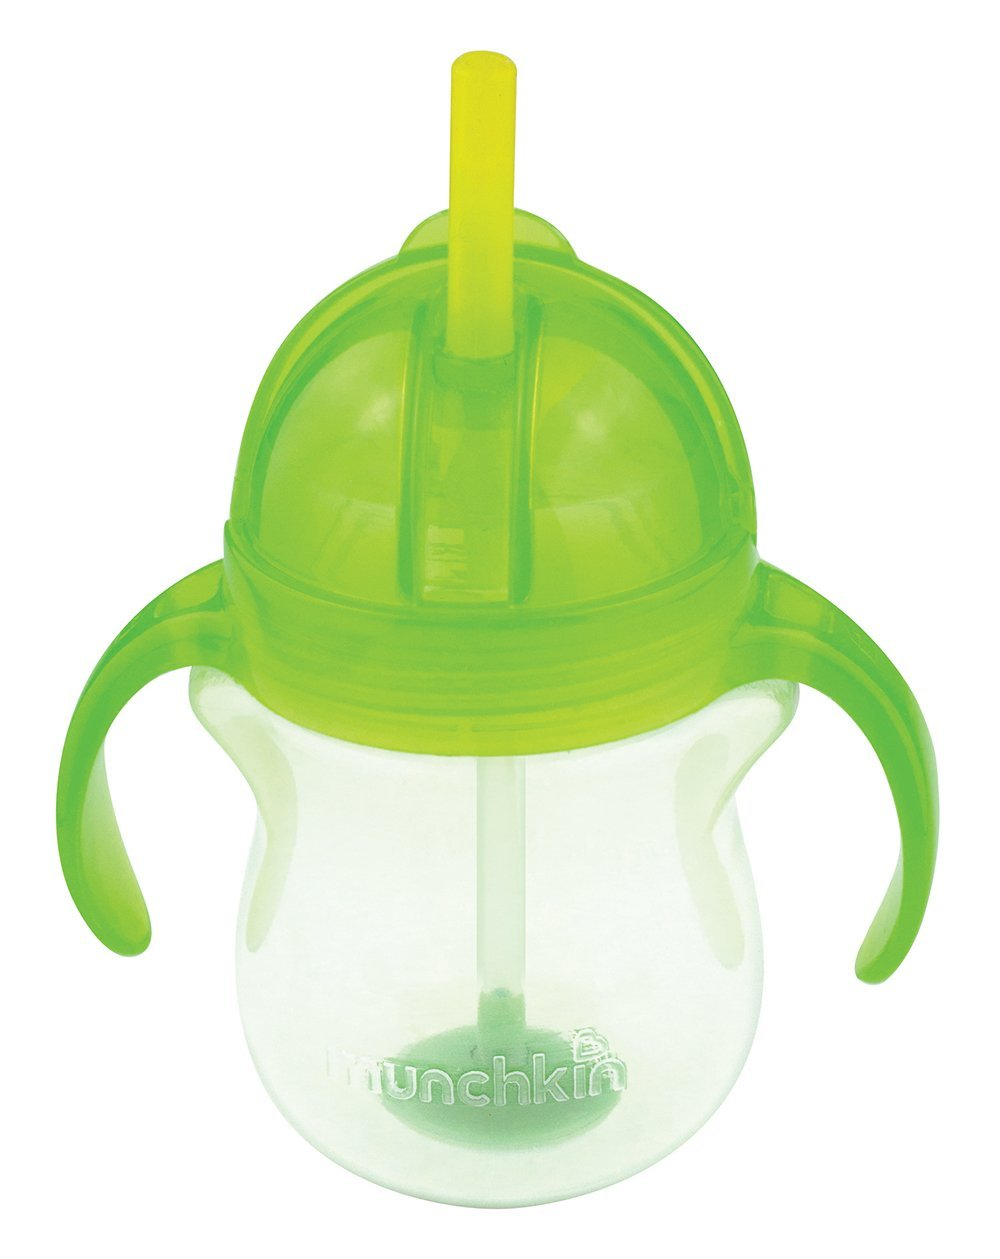 Neišsiliejanti gertuvė MUNCHKIN Click Lock su rankenėlėmis vaikams nuo 6 mėn., 207 ml